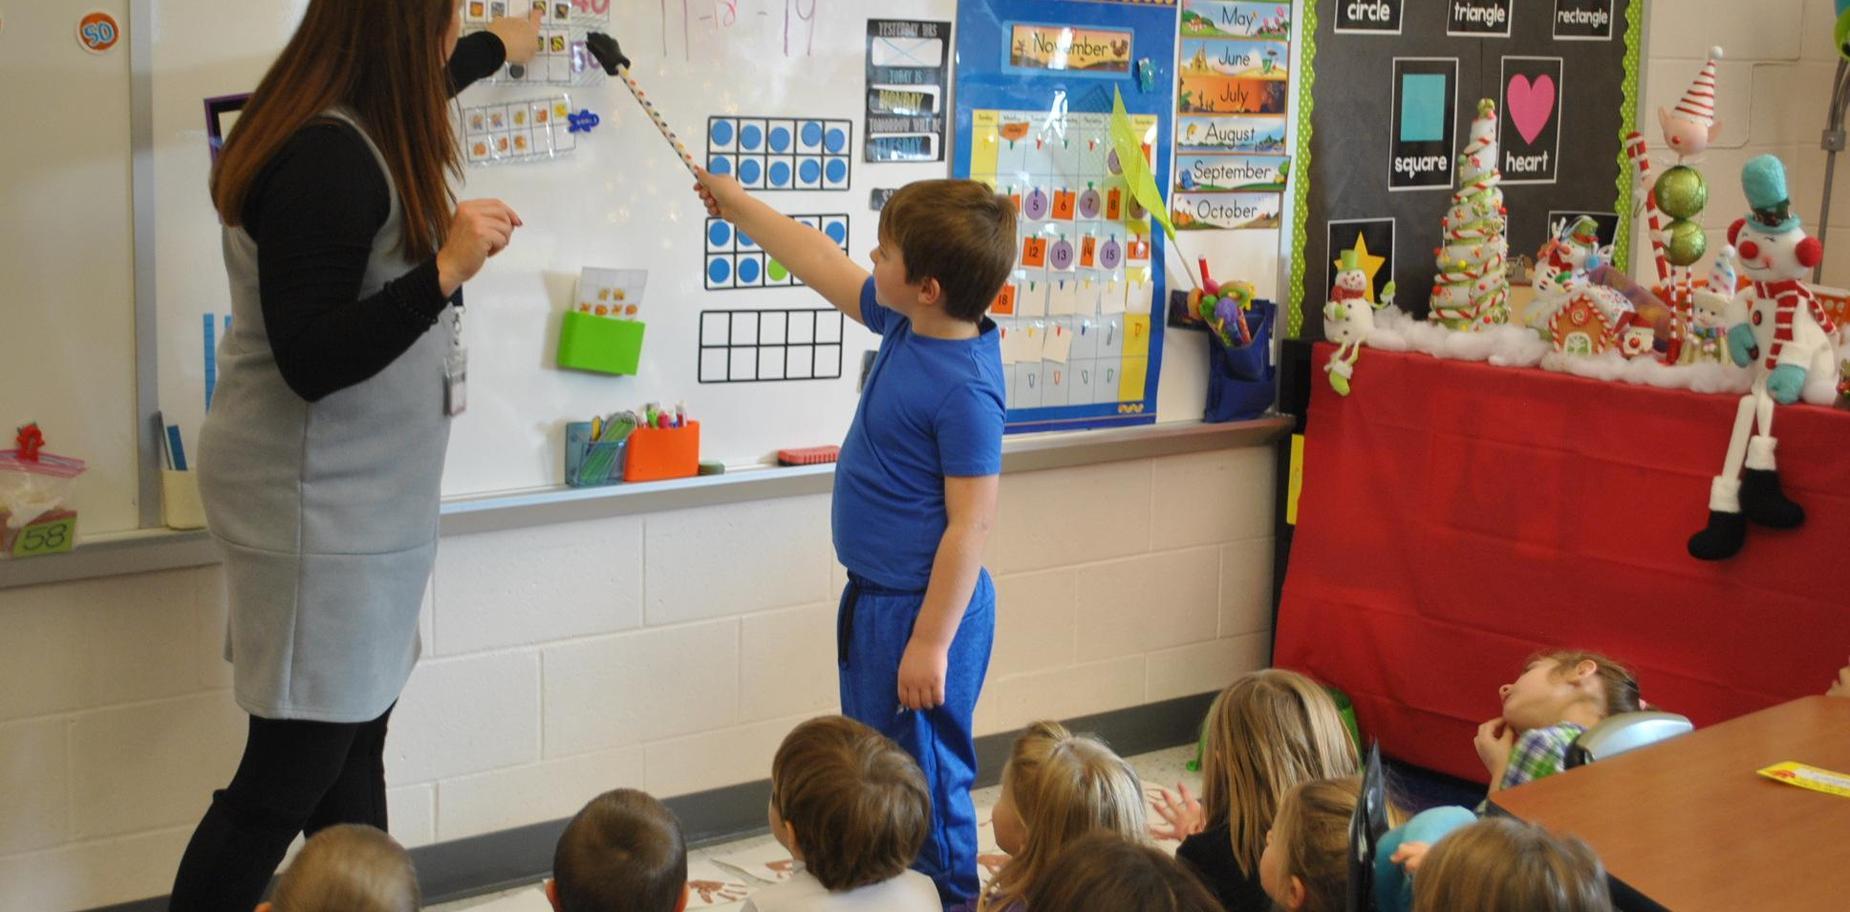 Kindergarten student in class